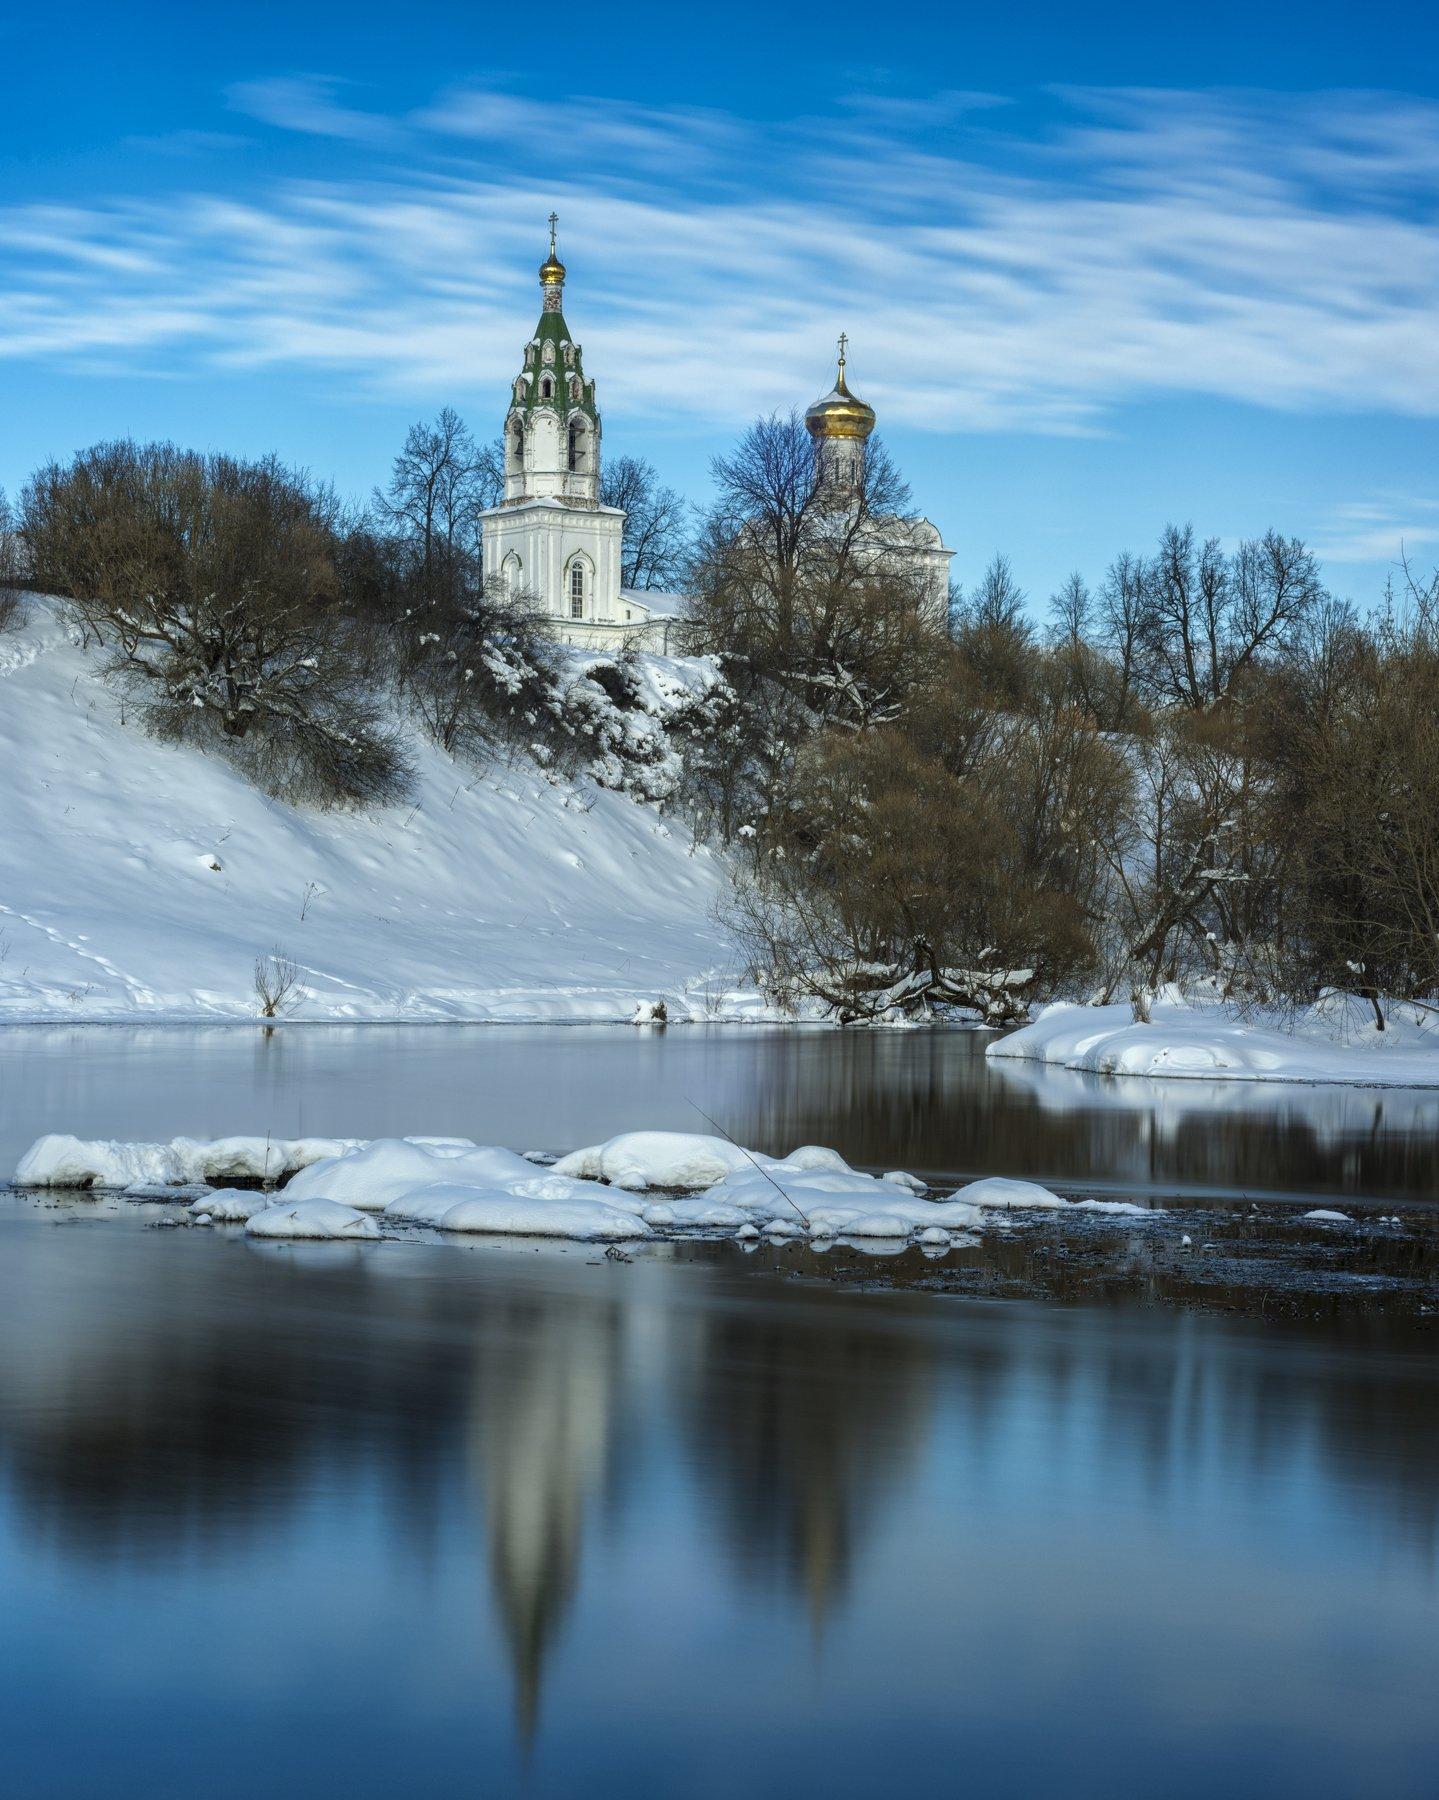 пейзаж, россия, подмосковье, природа, путешествие, небо, церквушки, вера, река, зима, Павел Ныриков